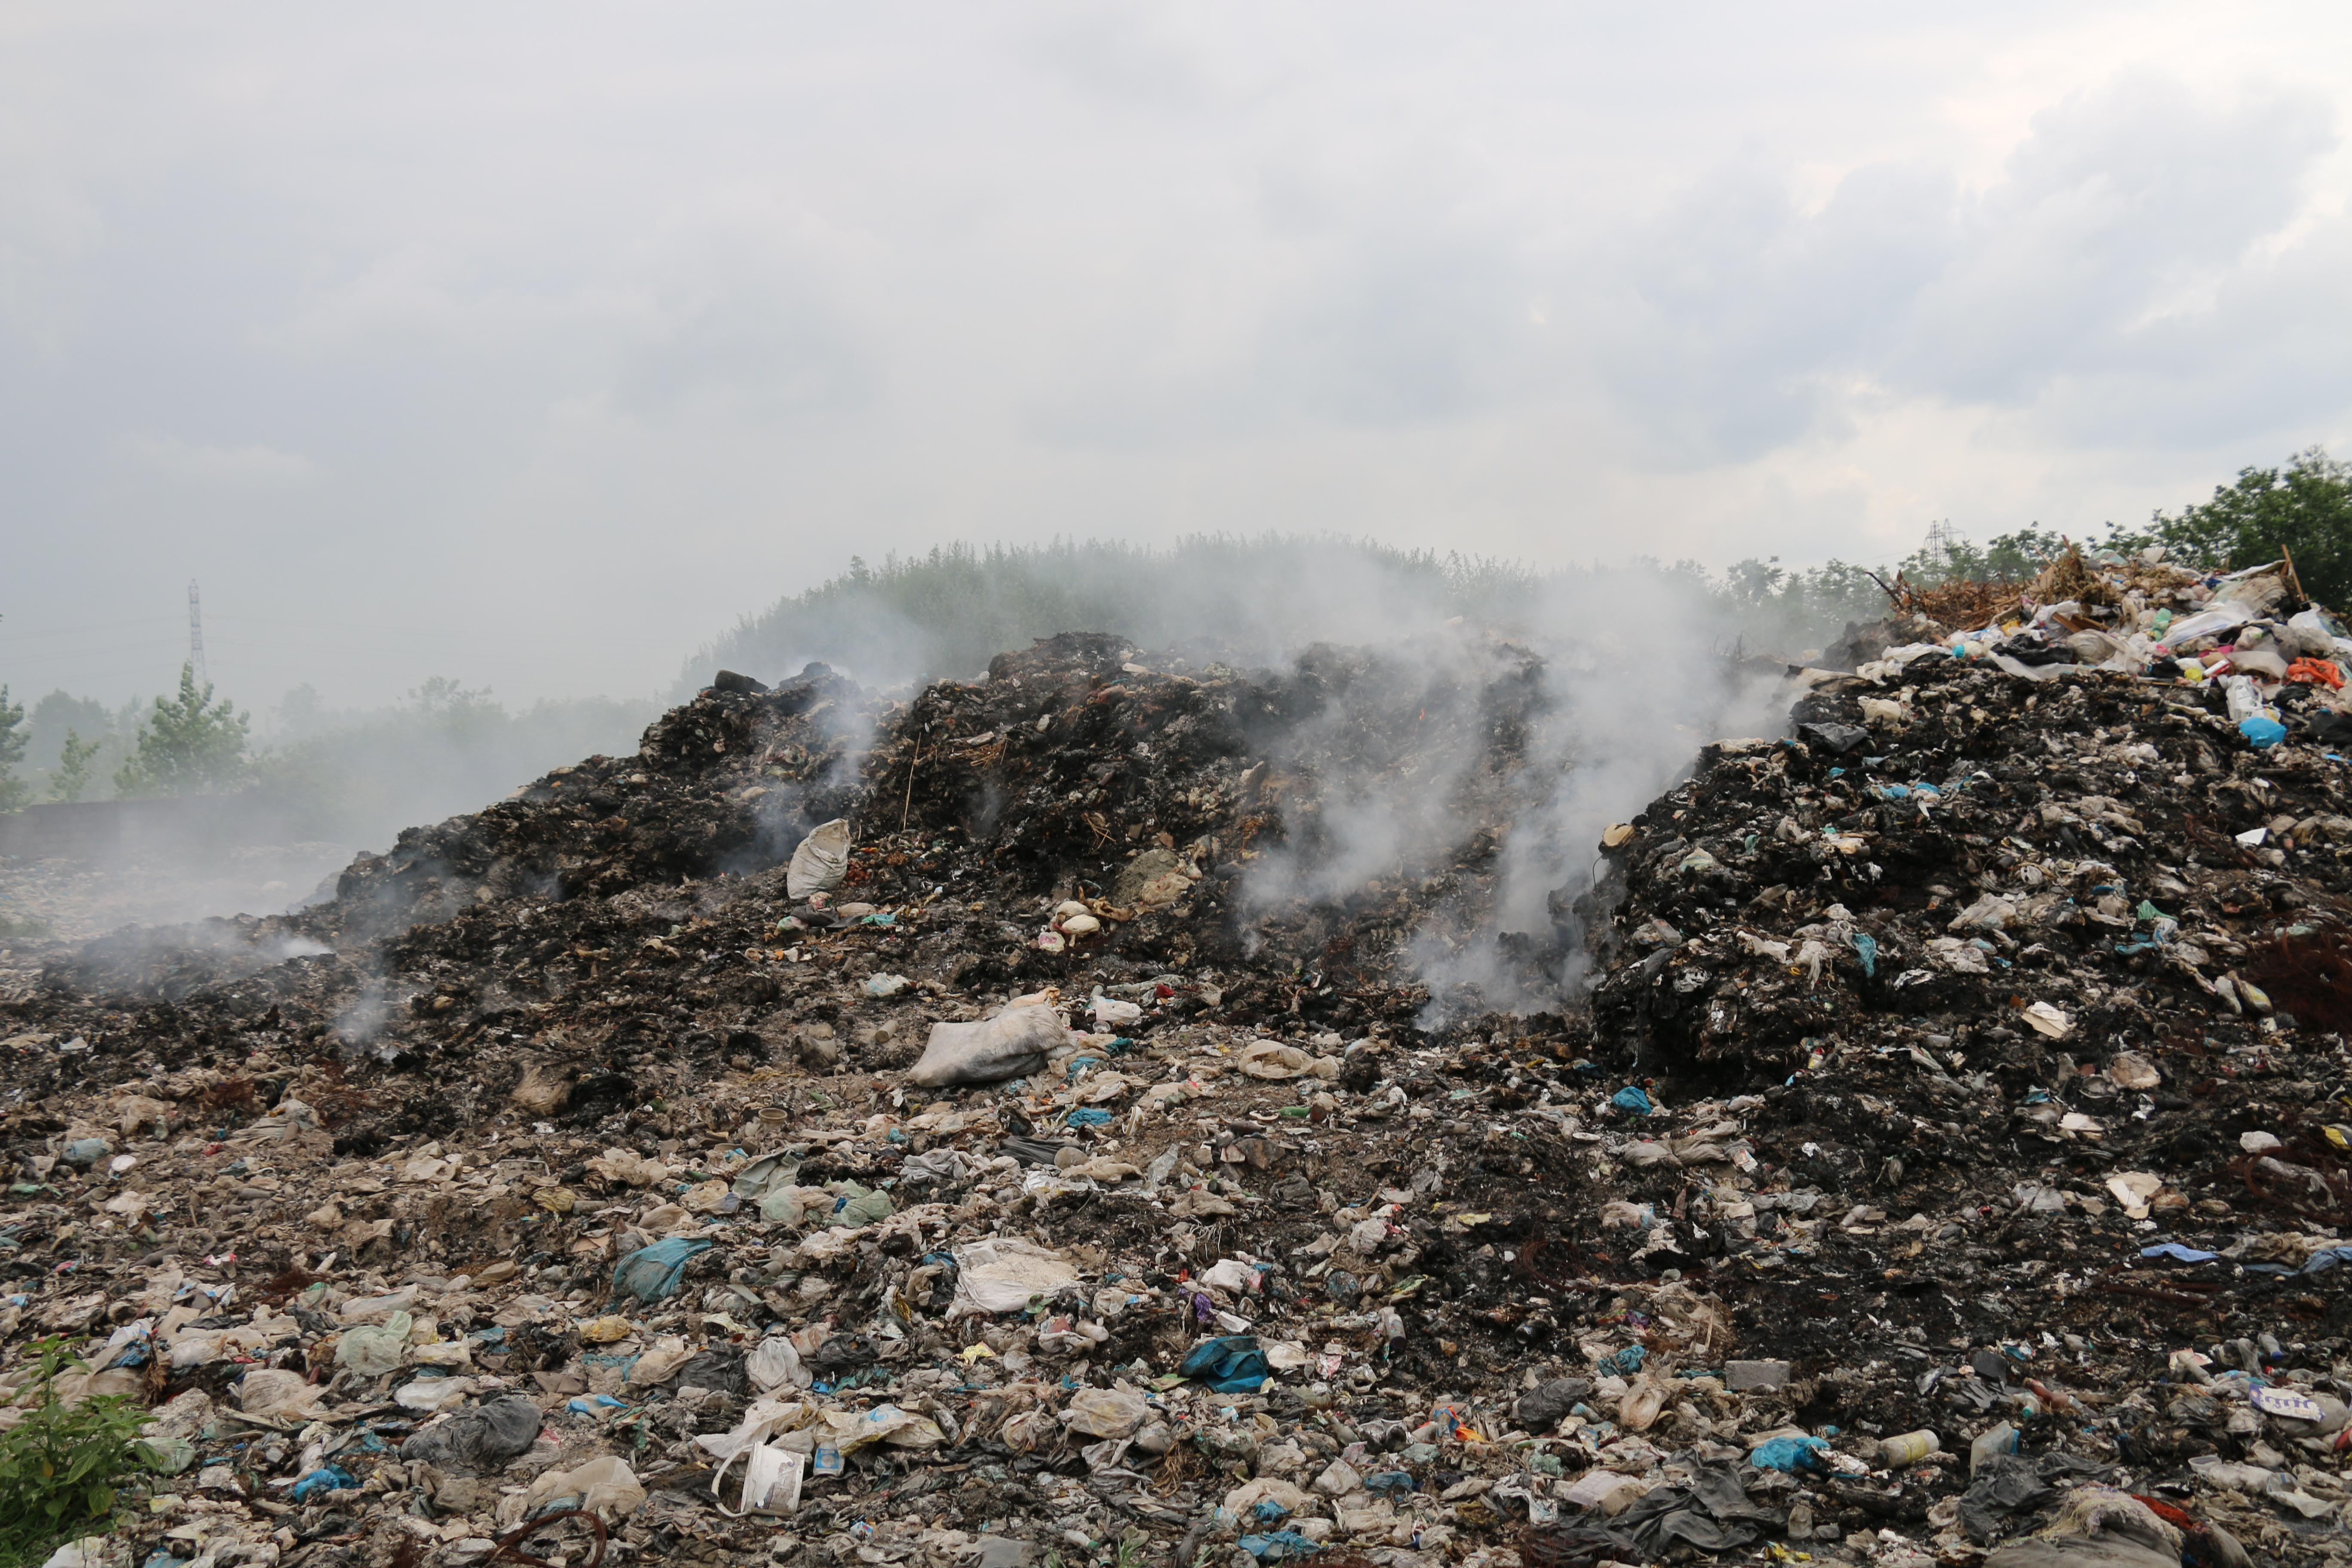 گلایهی مردم از انباشت، دفن غیربهداشتی و سوزاندن زباله در خواچکین